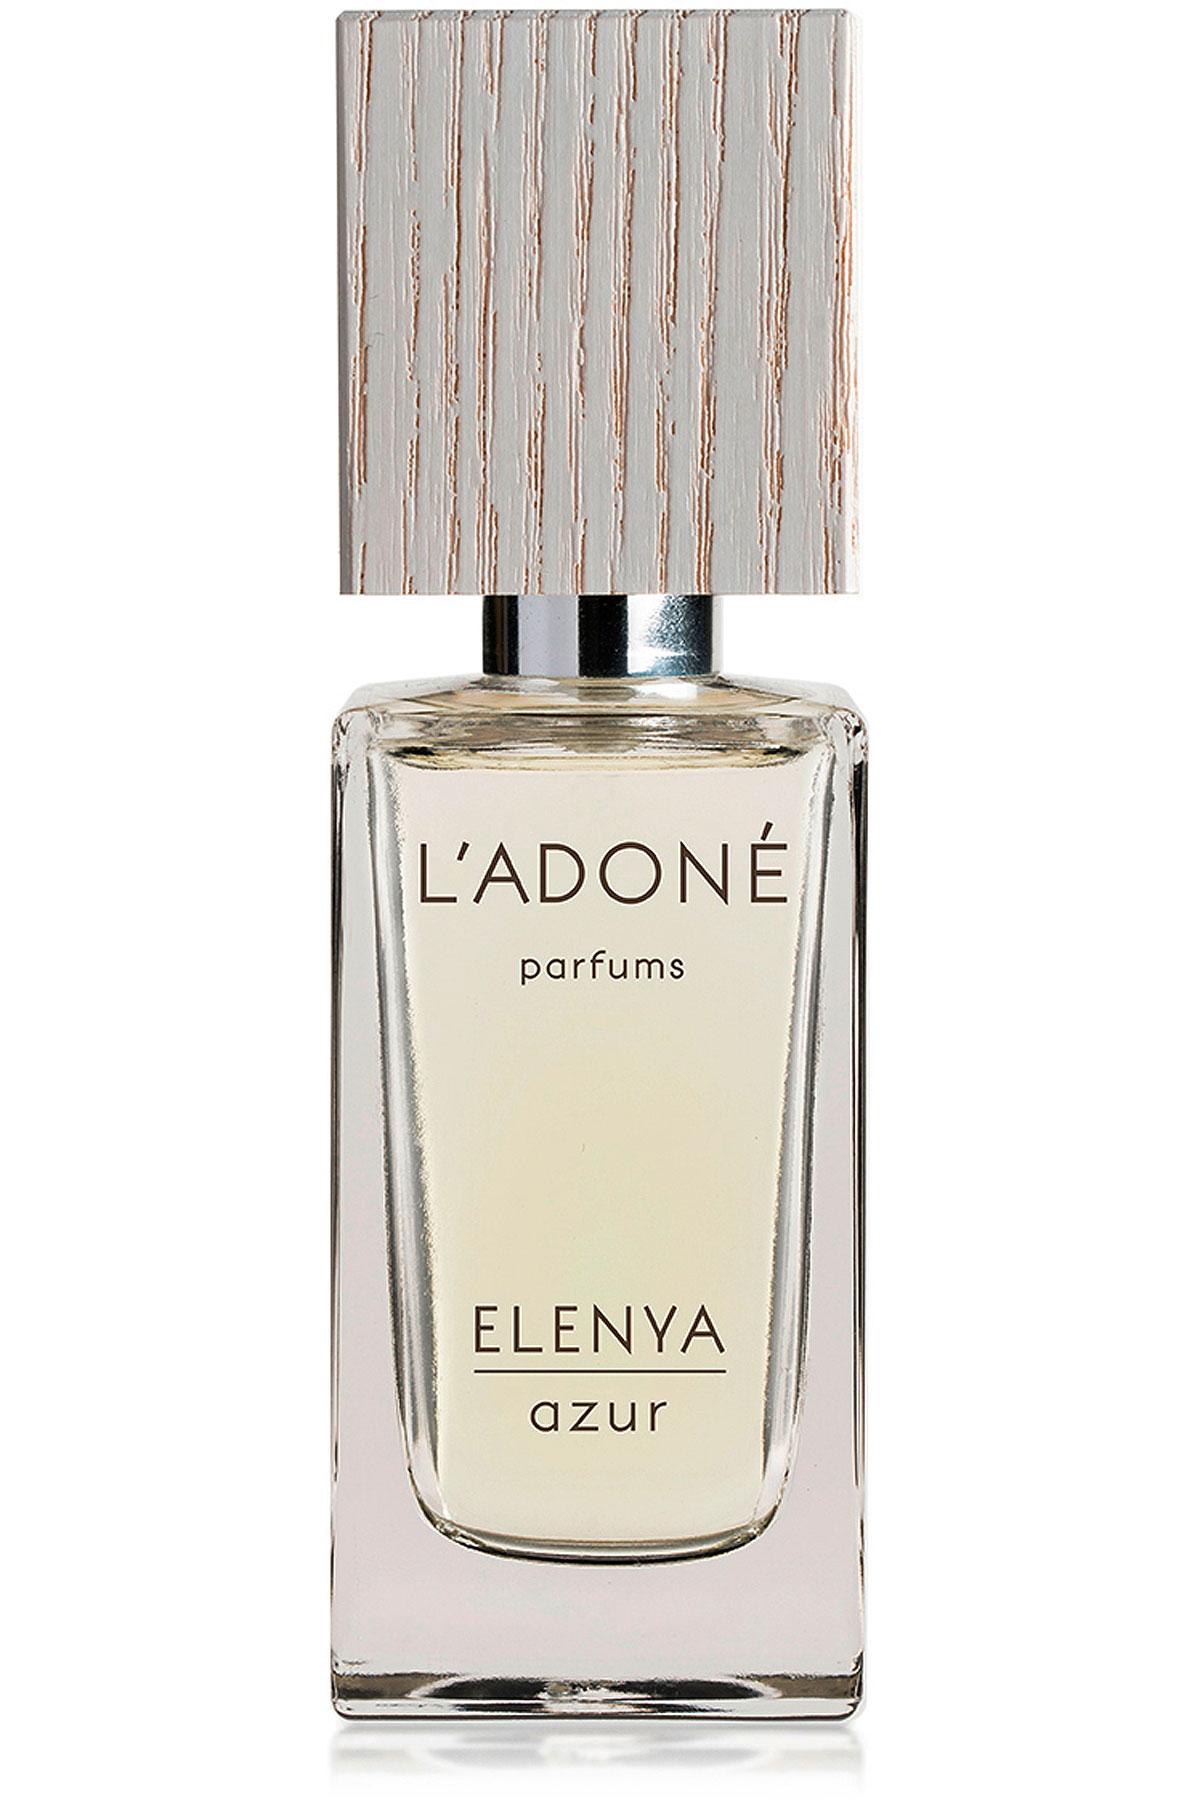 L Adone Fragrances for Women, Elenya Azur - Extrait De Parfum - 50 Ml, 2019, 50 ml